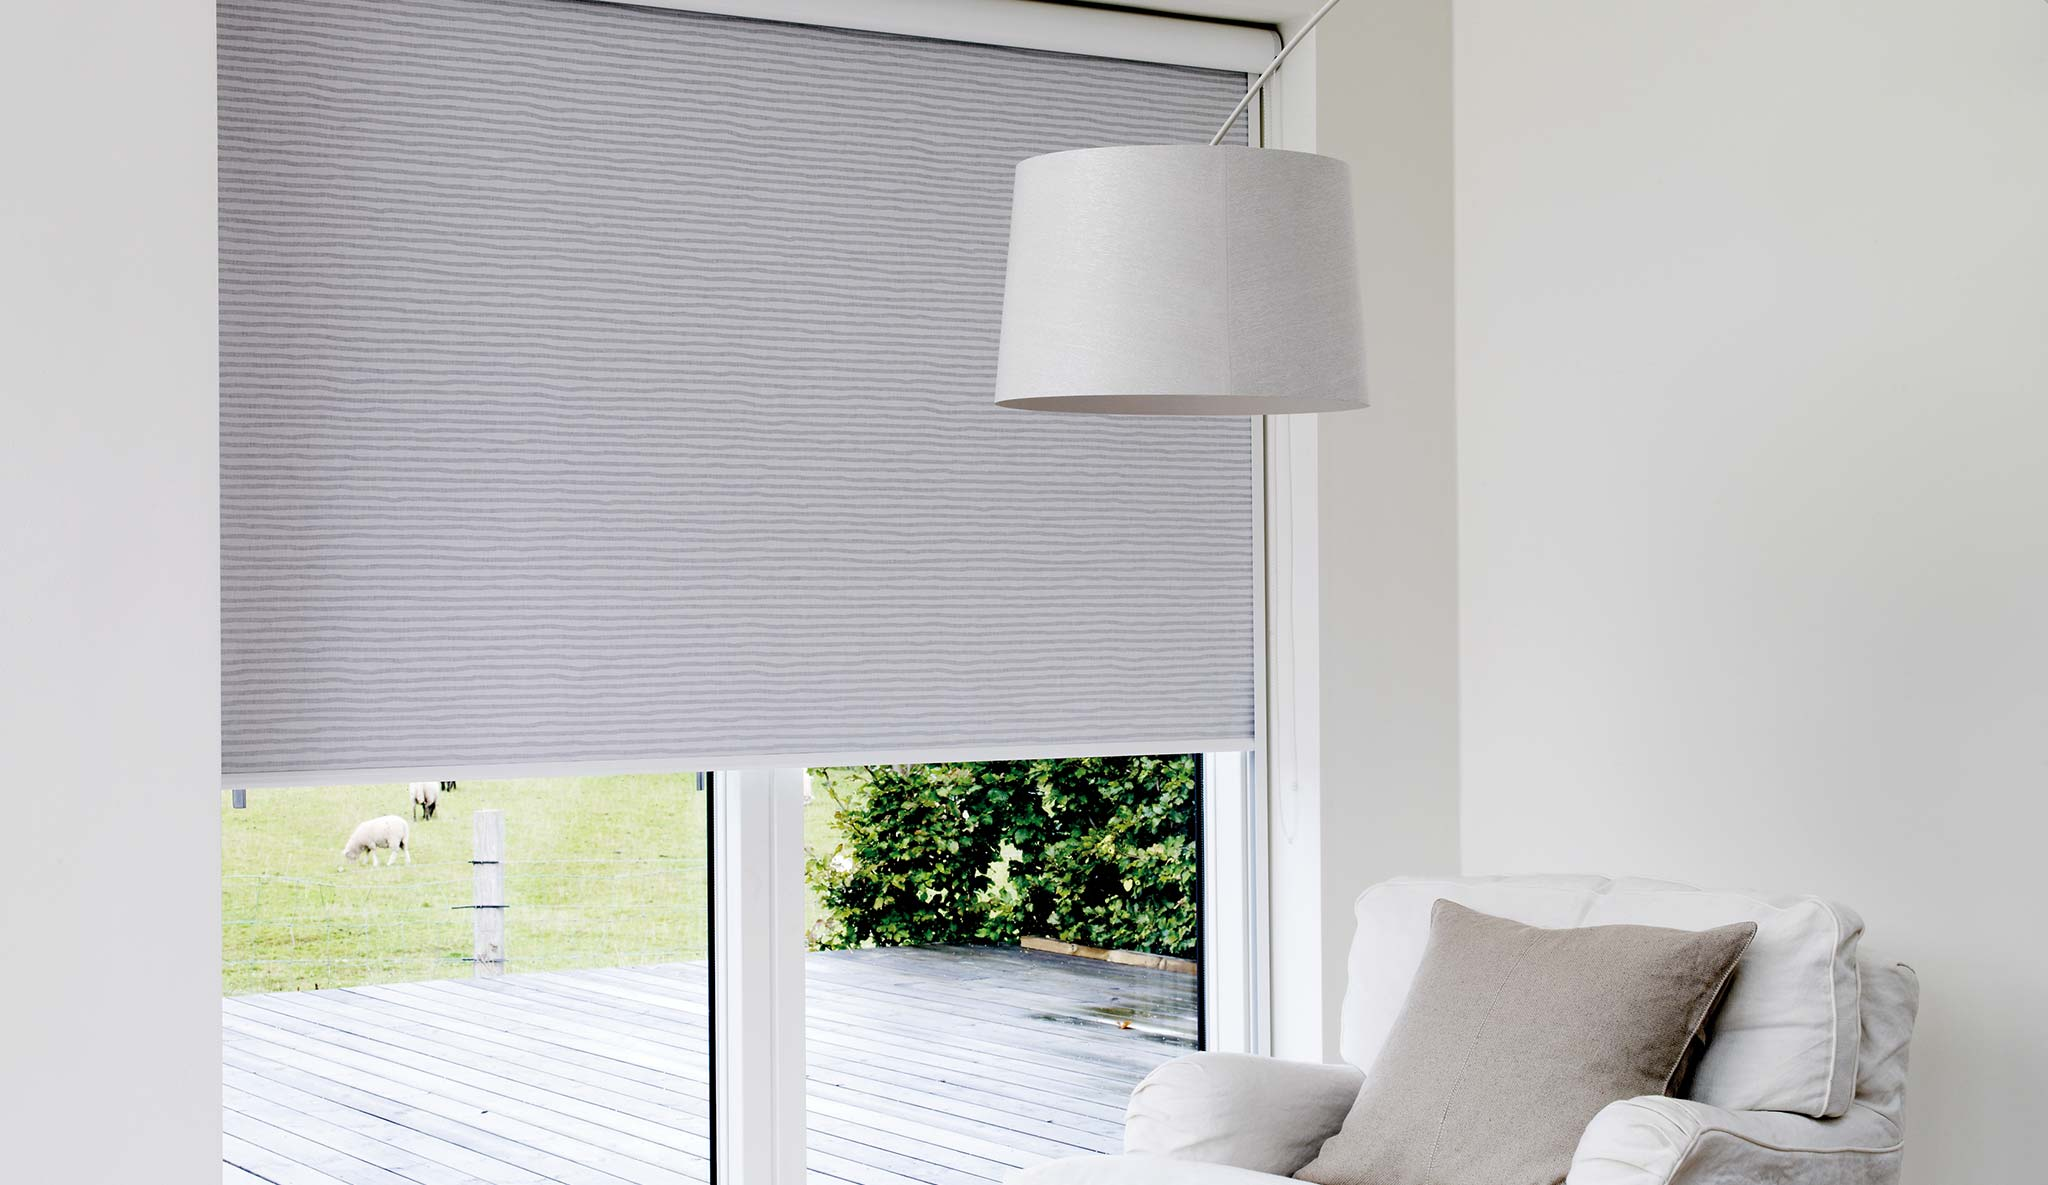 Innenrollos Am Fenster Hochreflektierend Vom Hersteller Rollos De